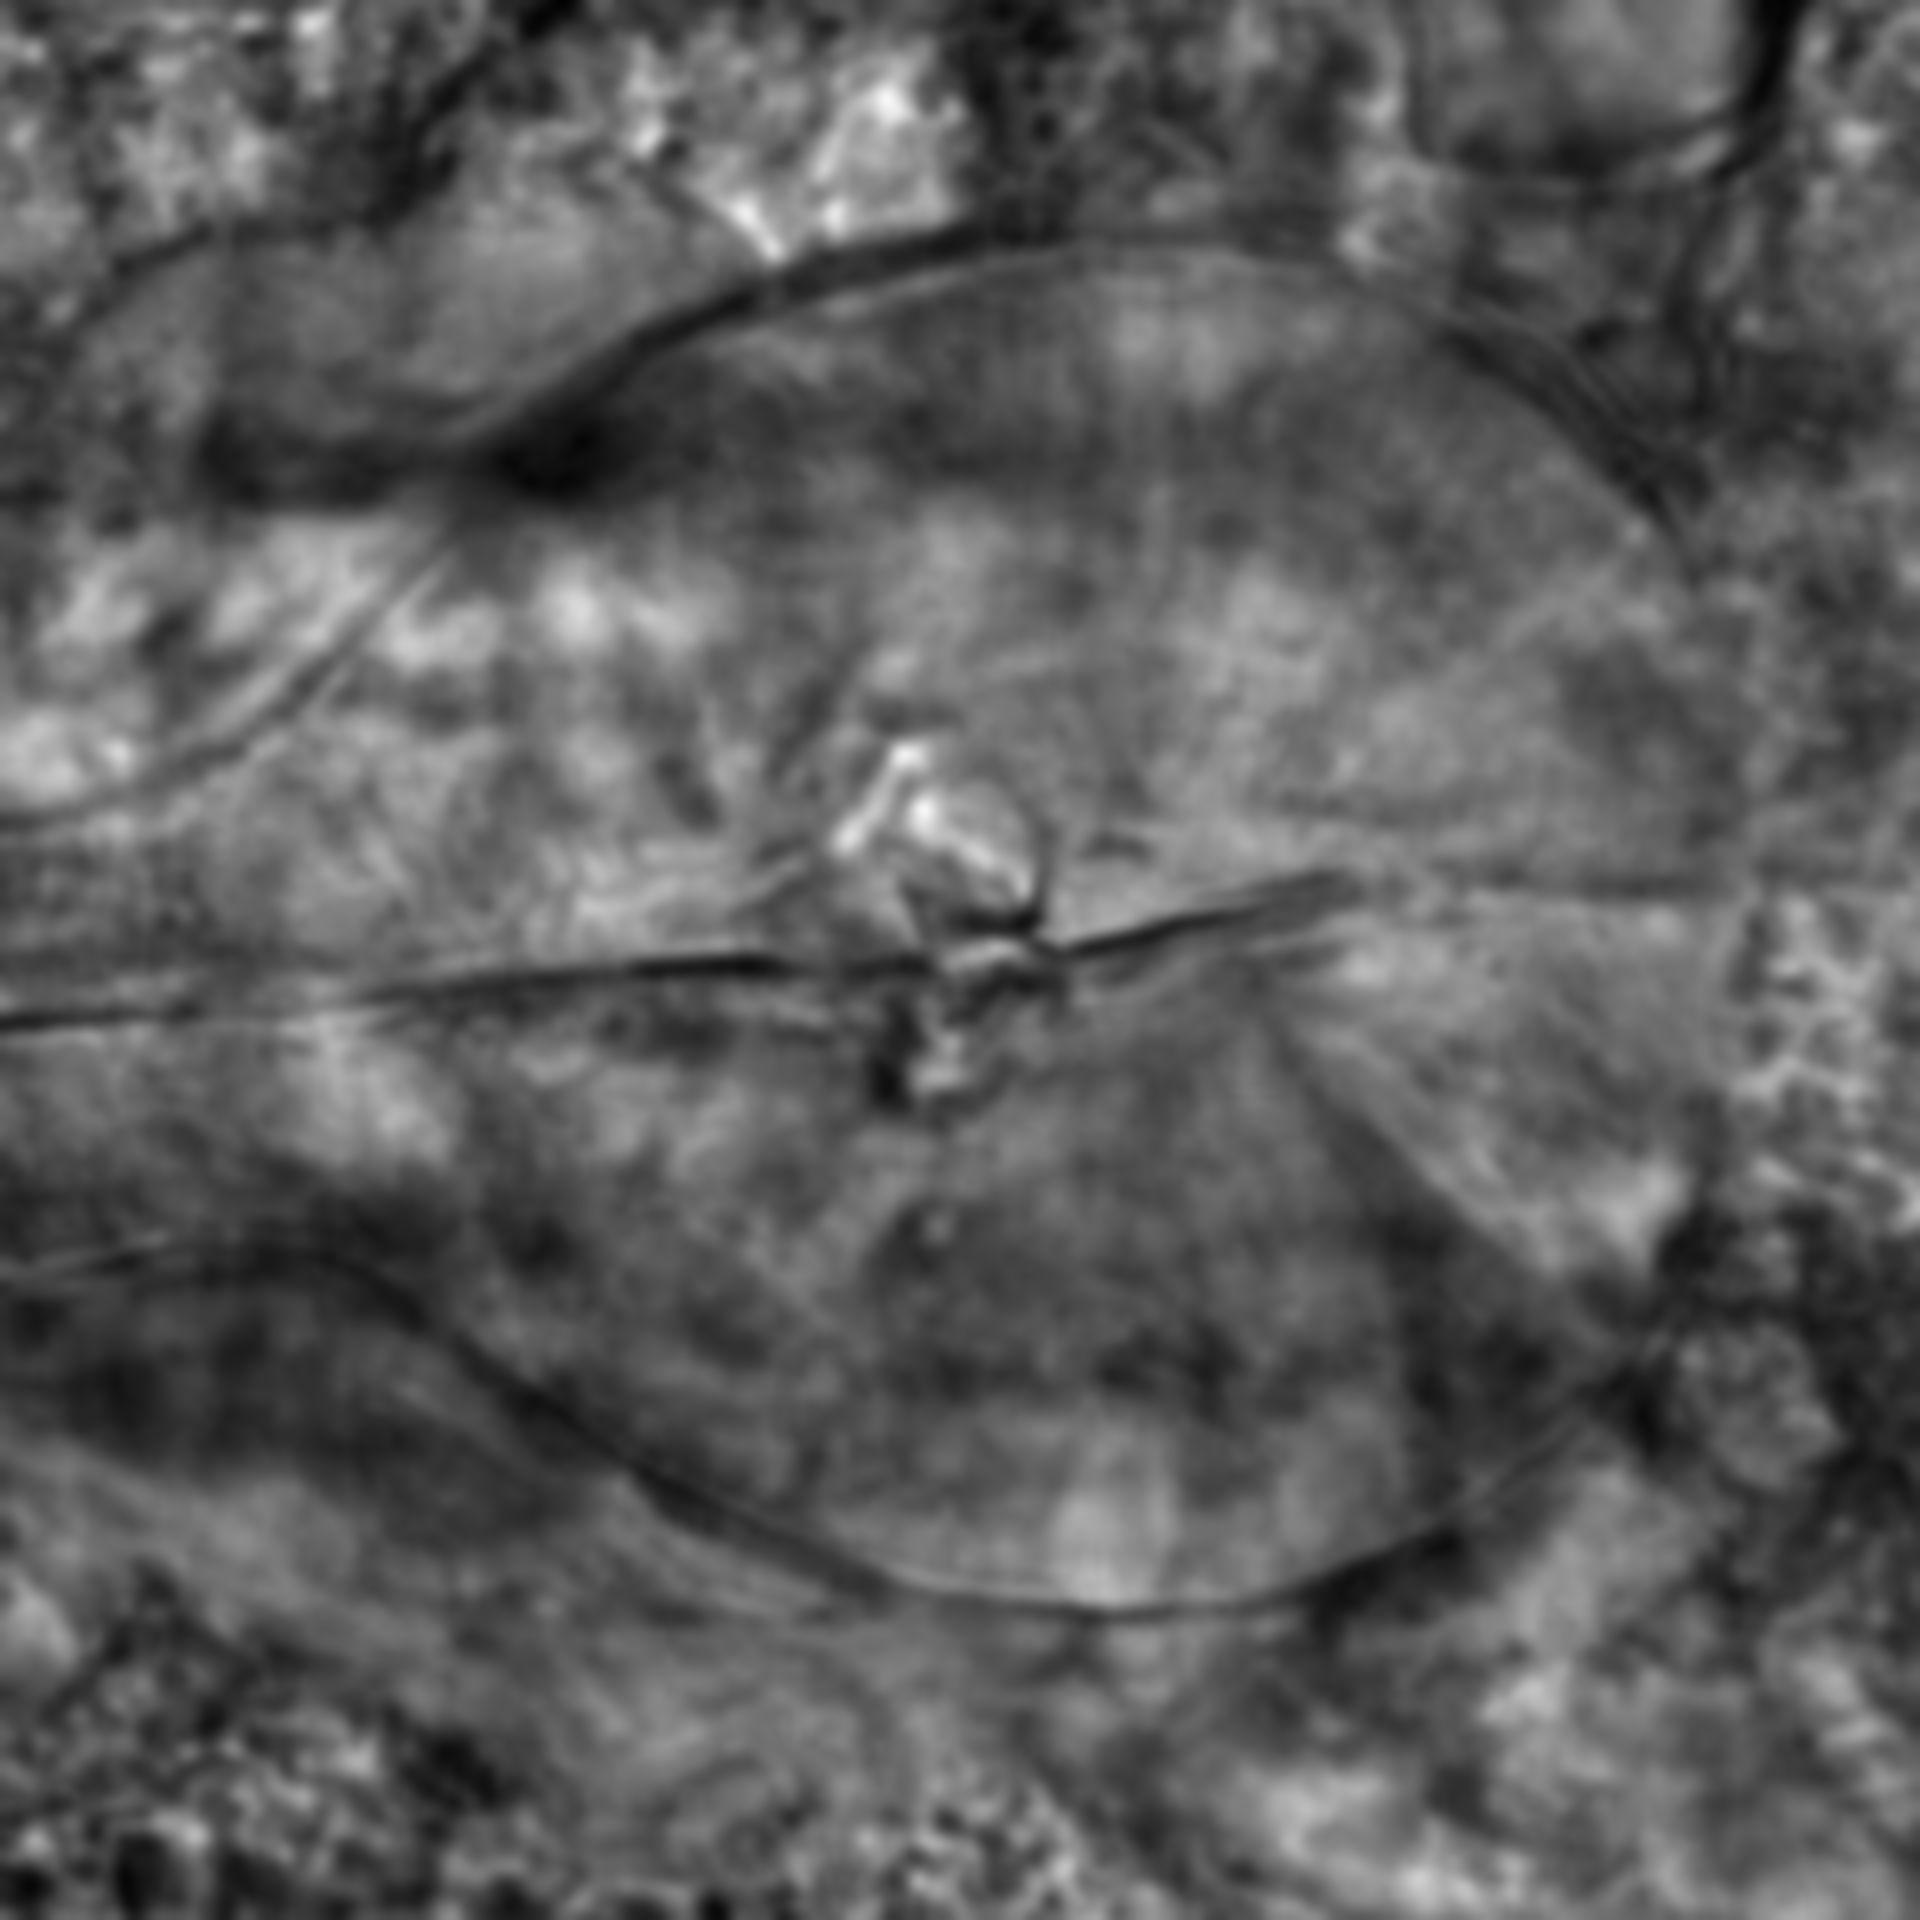 Caenorhabditis elegans - CIL:2211